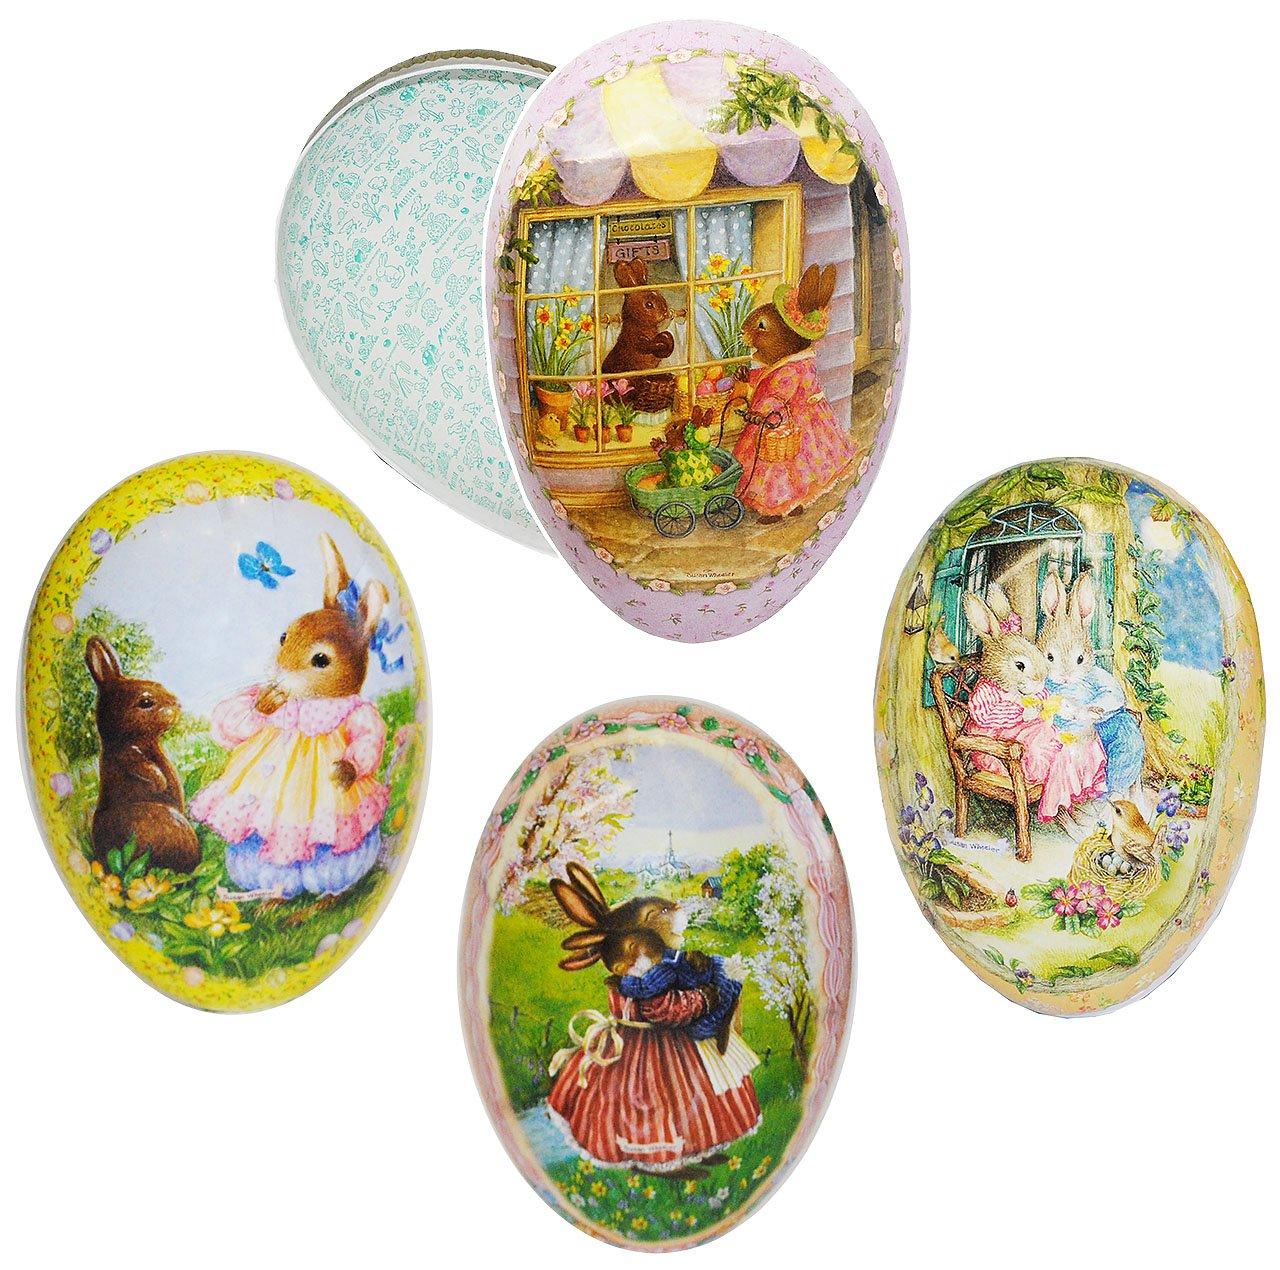 Unbekannt 3 Stück _ _ _ Füll - Pappeier - 25 cm -  Holly Pond Hill - süße Hasen  - Osterei   Ei zum befüllen - Deko Pappe Papp Pappeier Dekoei Pappostereier Füllen - OSTE.. B01BKVJEZ4 Ostern 902d78